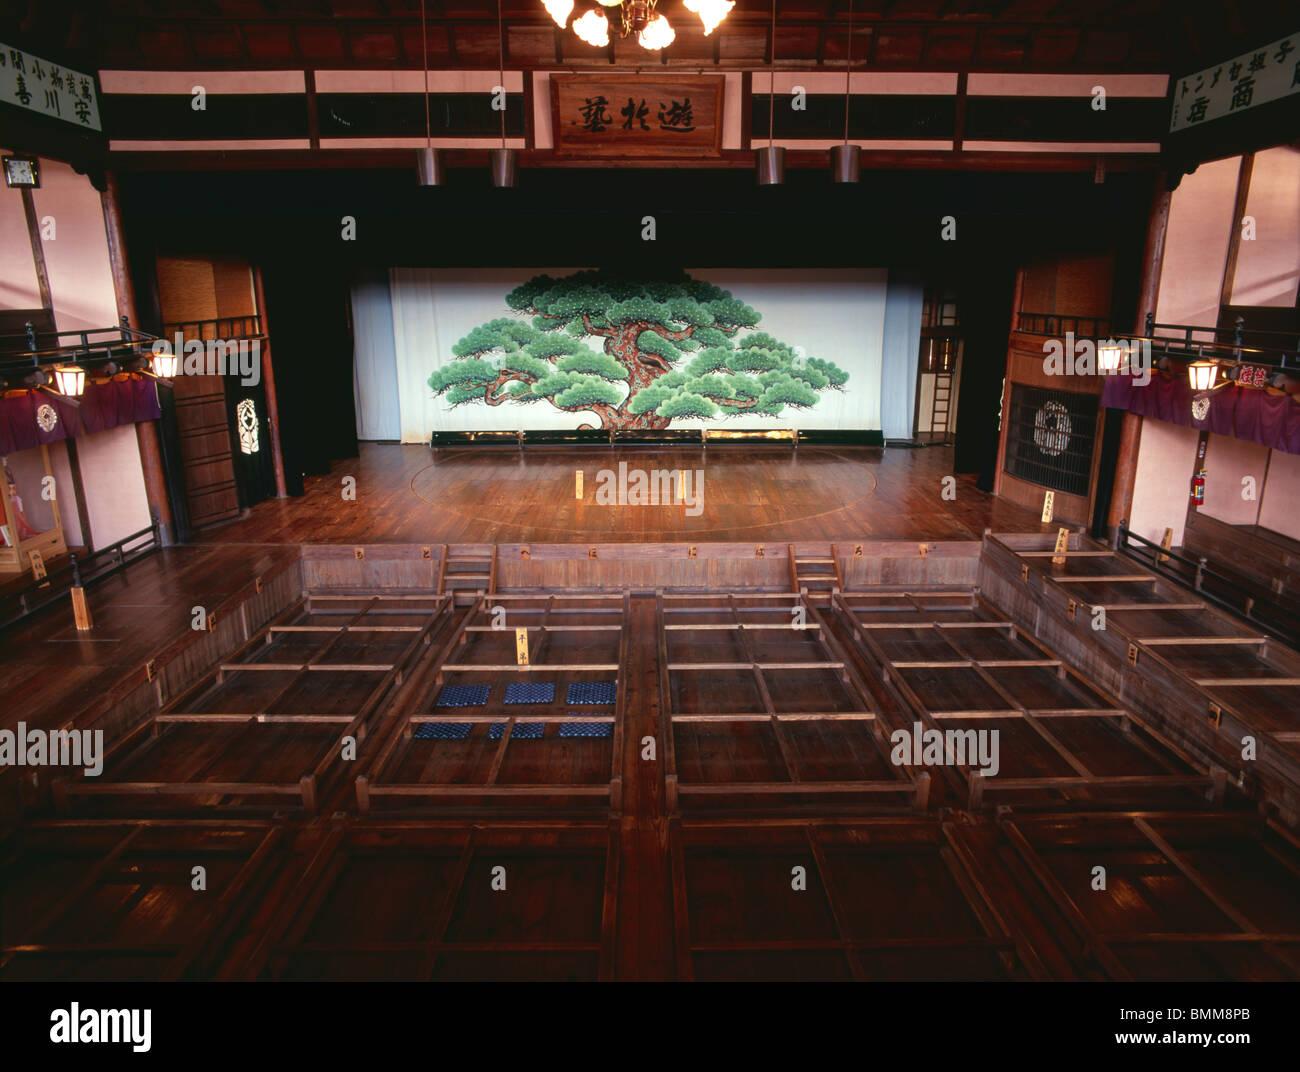 Uchiko-za Kabuki Theater - Stock Image